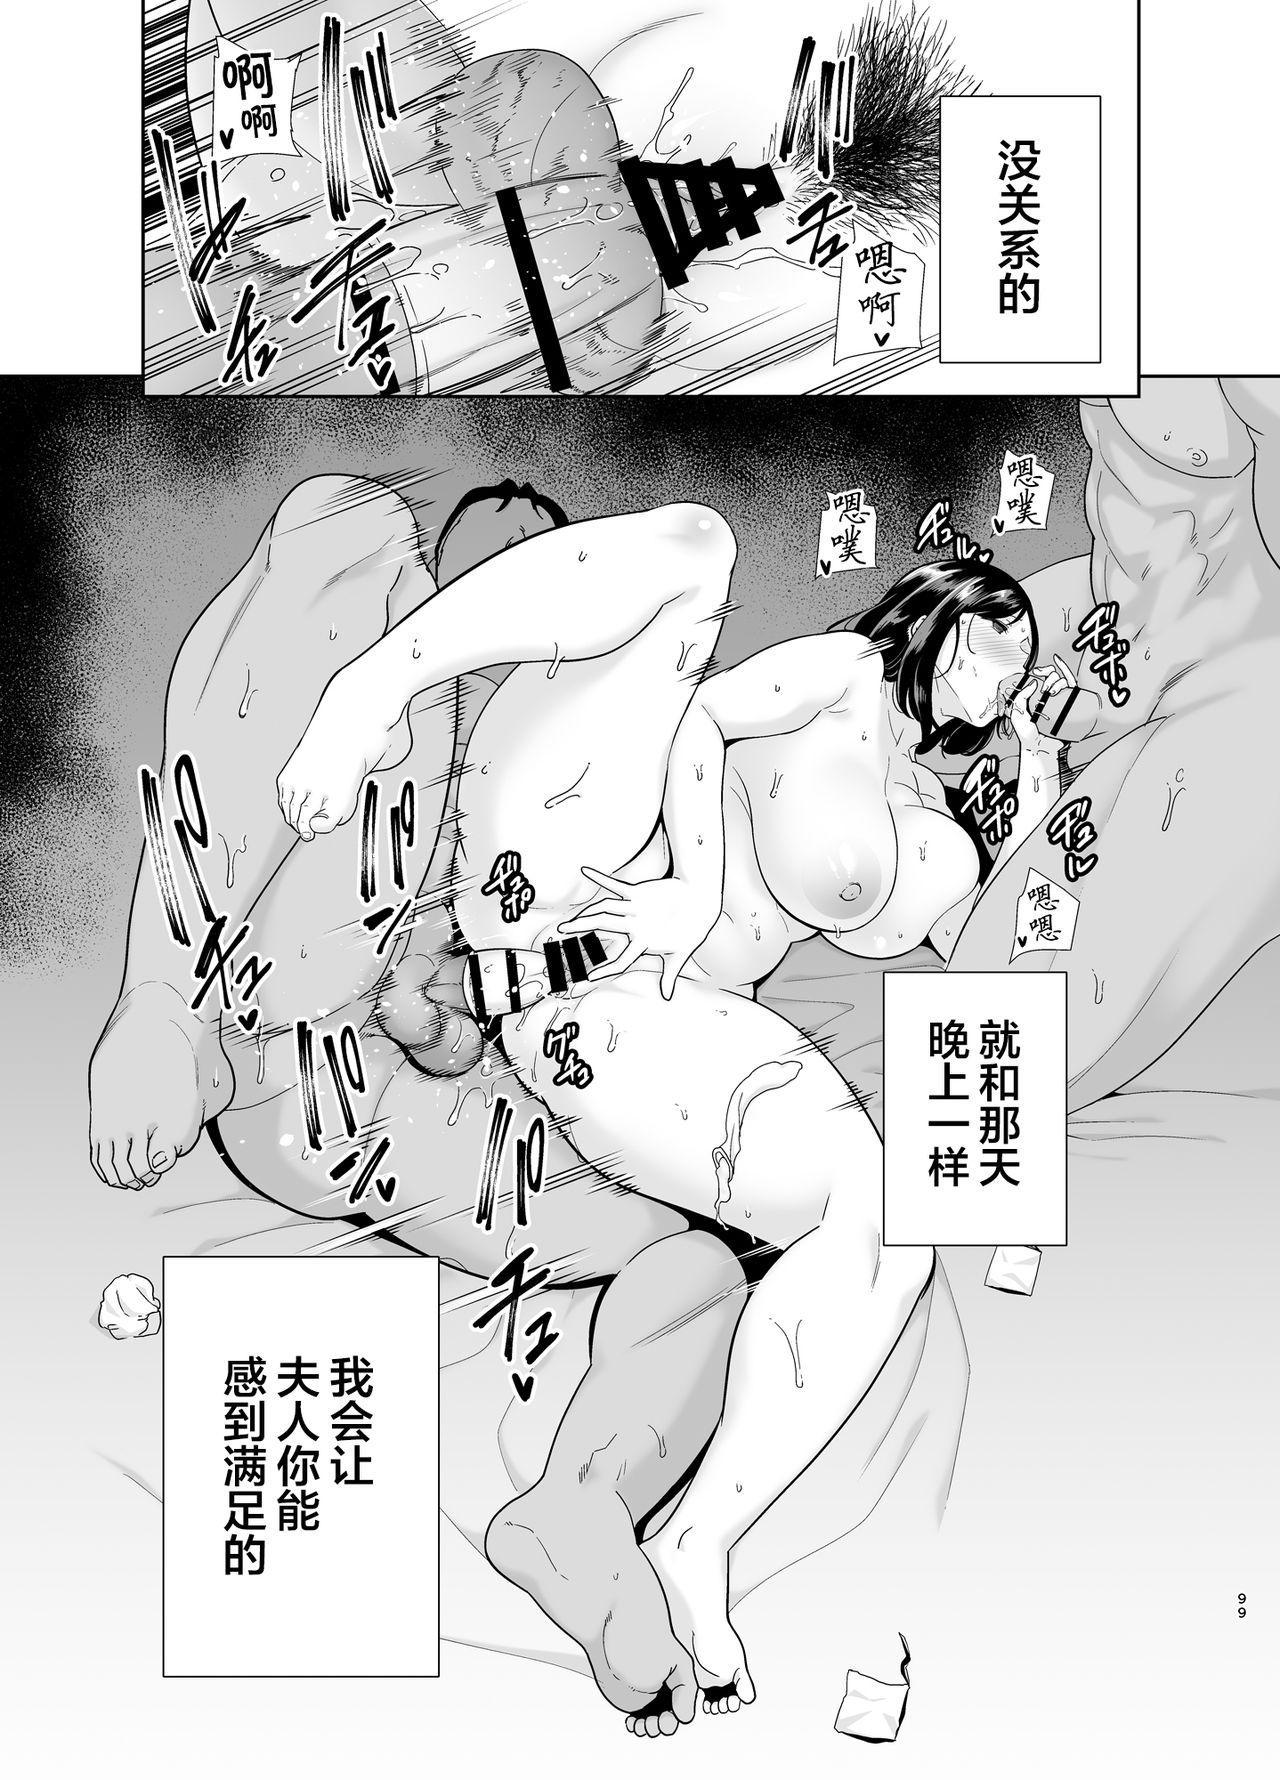 [DOLL PLAY (Kurosu Gatari)] Natsuzuma ~Natsu, Ryokan, Nanpa Otoko-tachi ni Ochita Tsuma~ Megane Nashi [Chinese] [翻车汉化组] 97